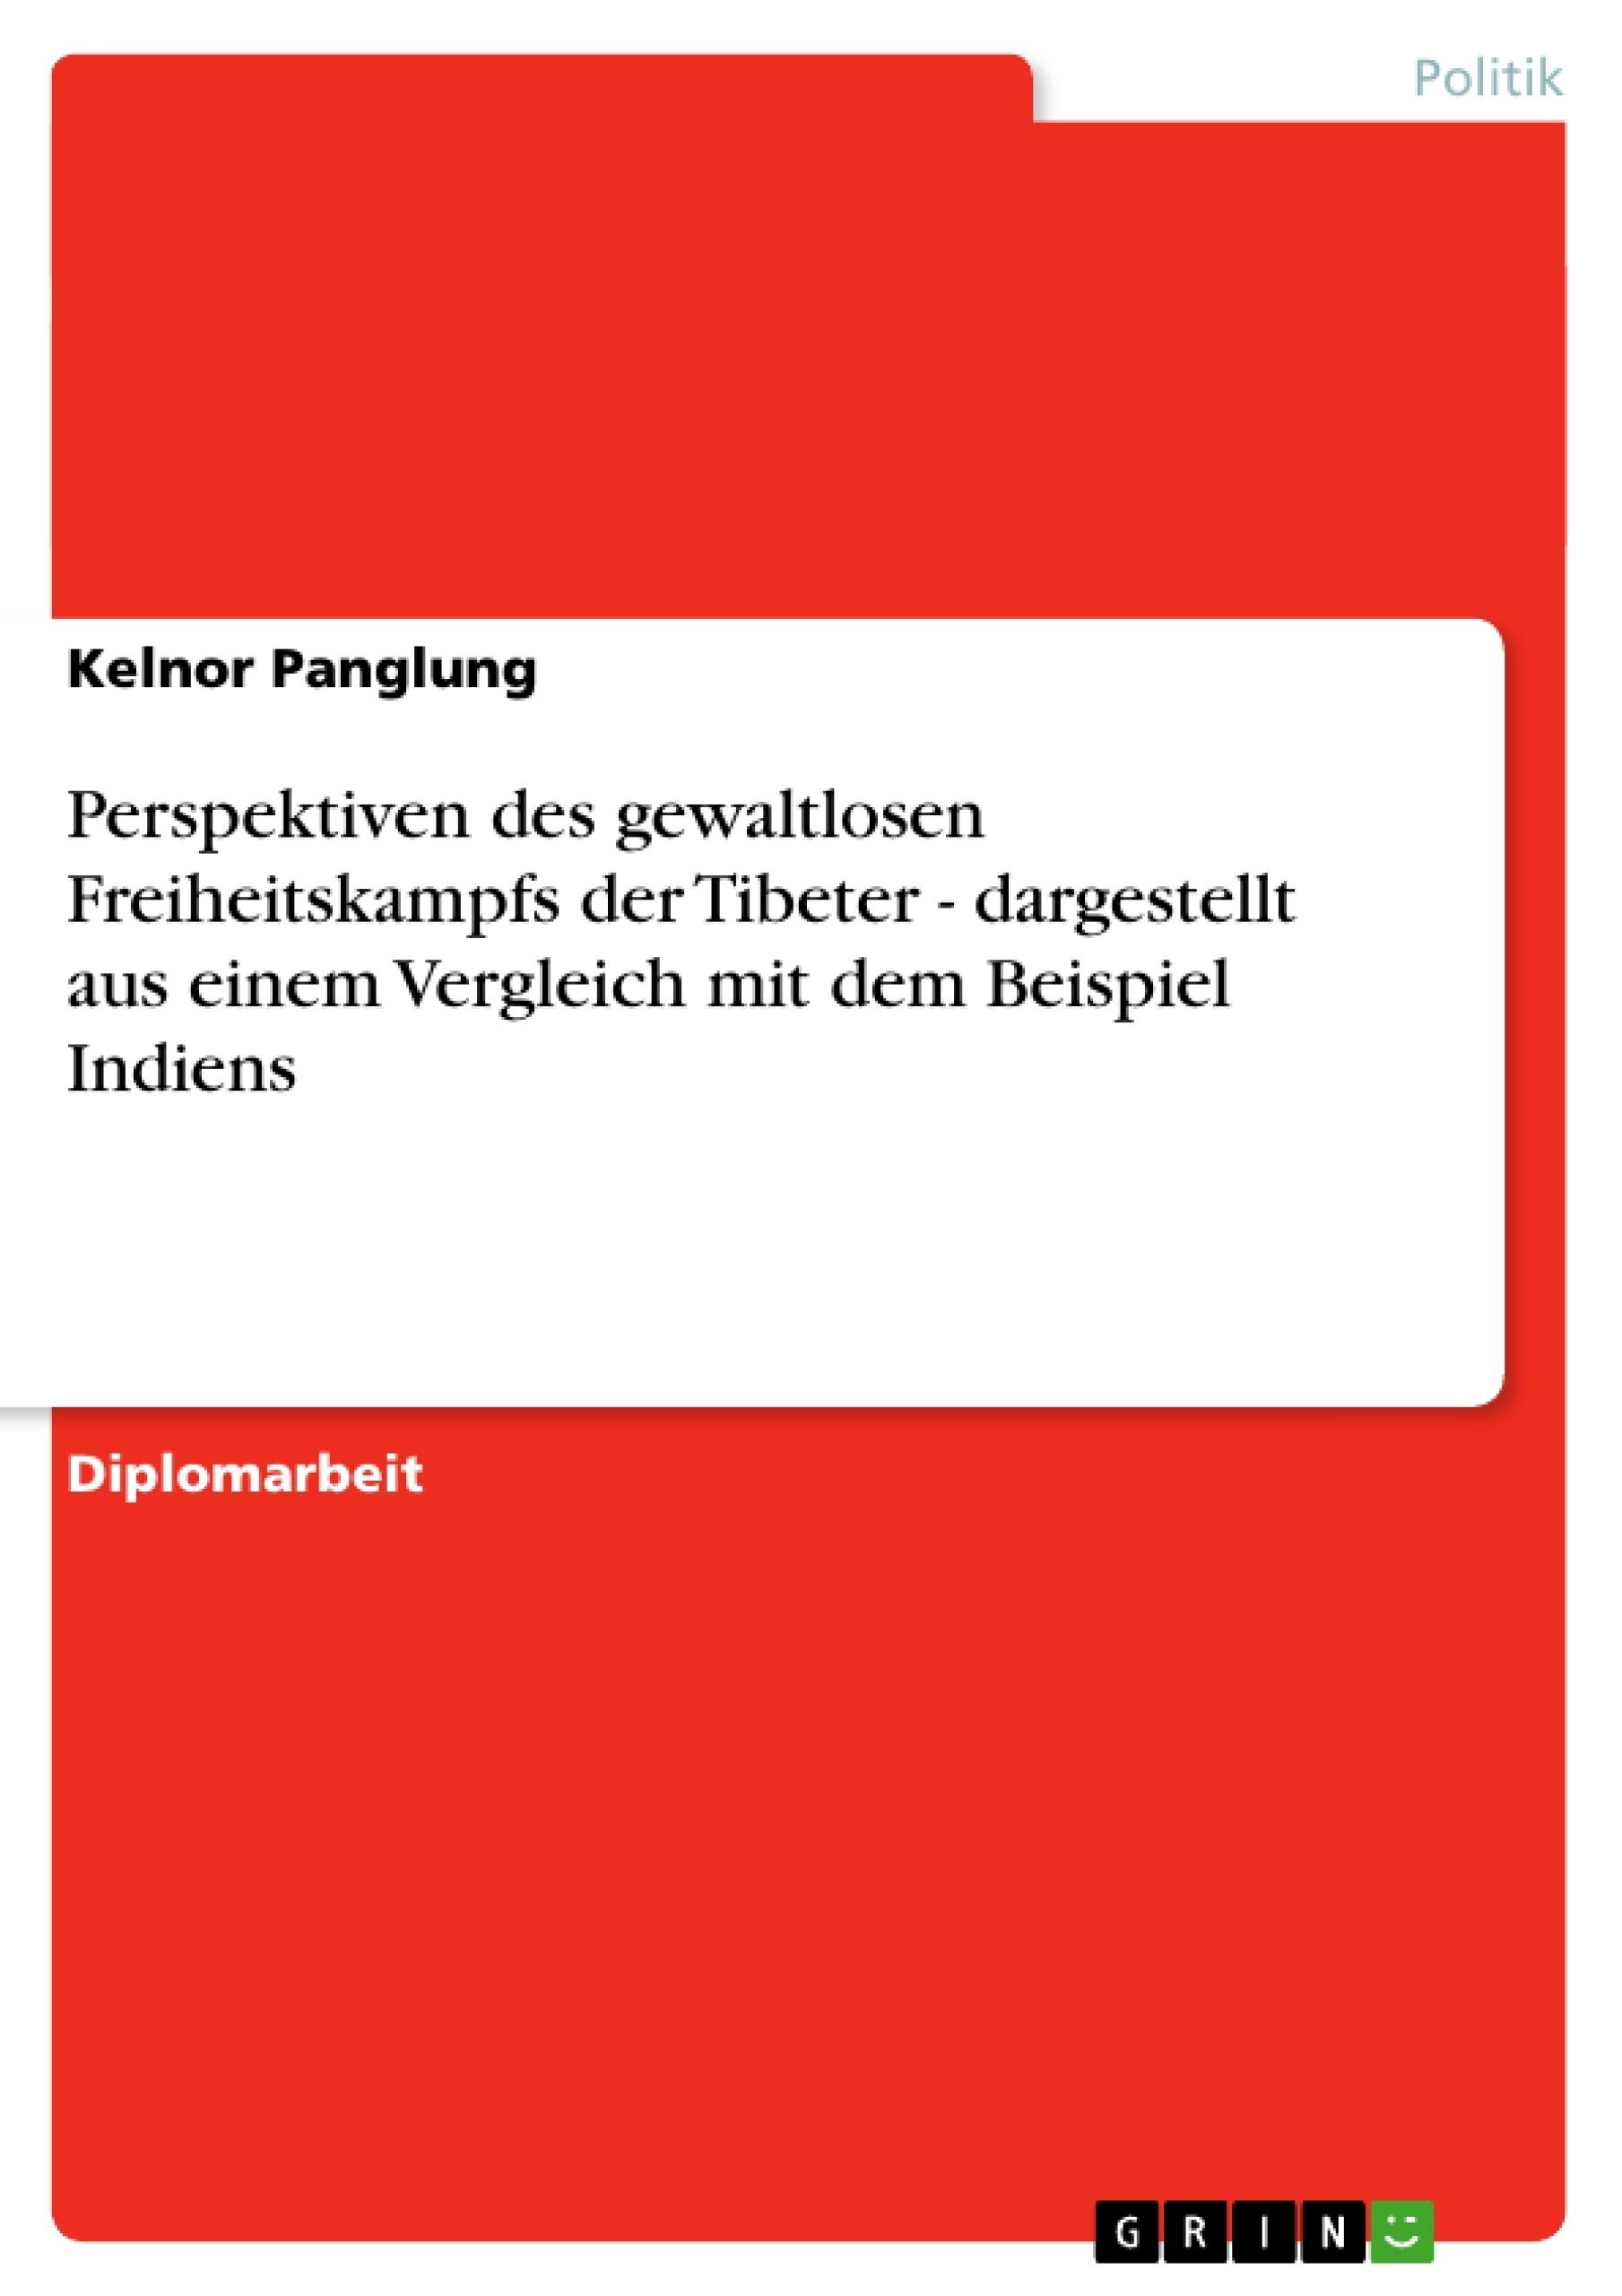 Titel: Perspektiven des gewaltlosen Freiheitskampfs der Tibeter - dargestellt aus einem Vergleich mit dem Beispiel Indiens